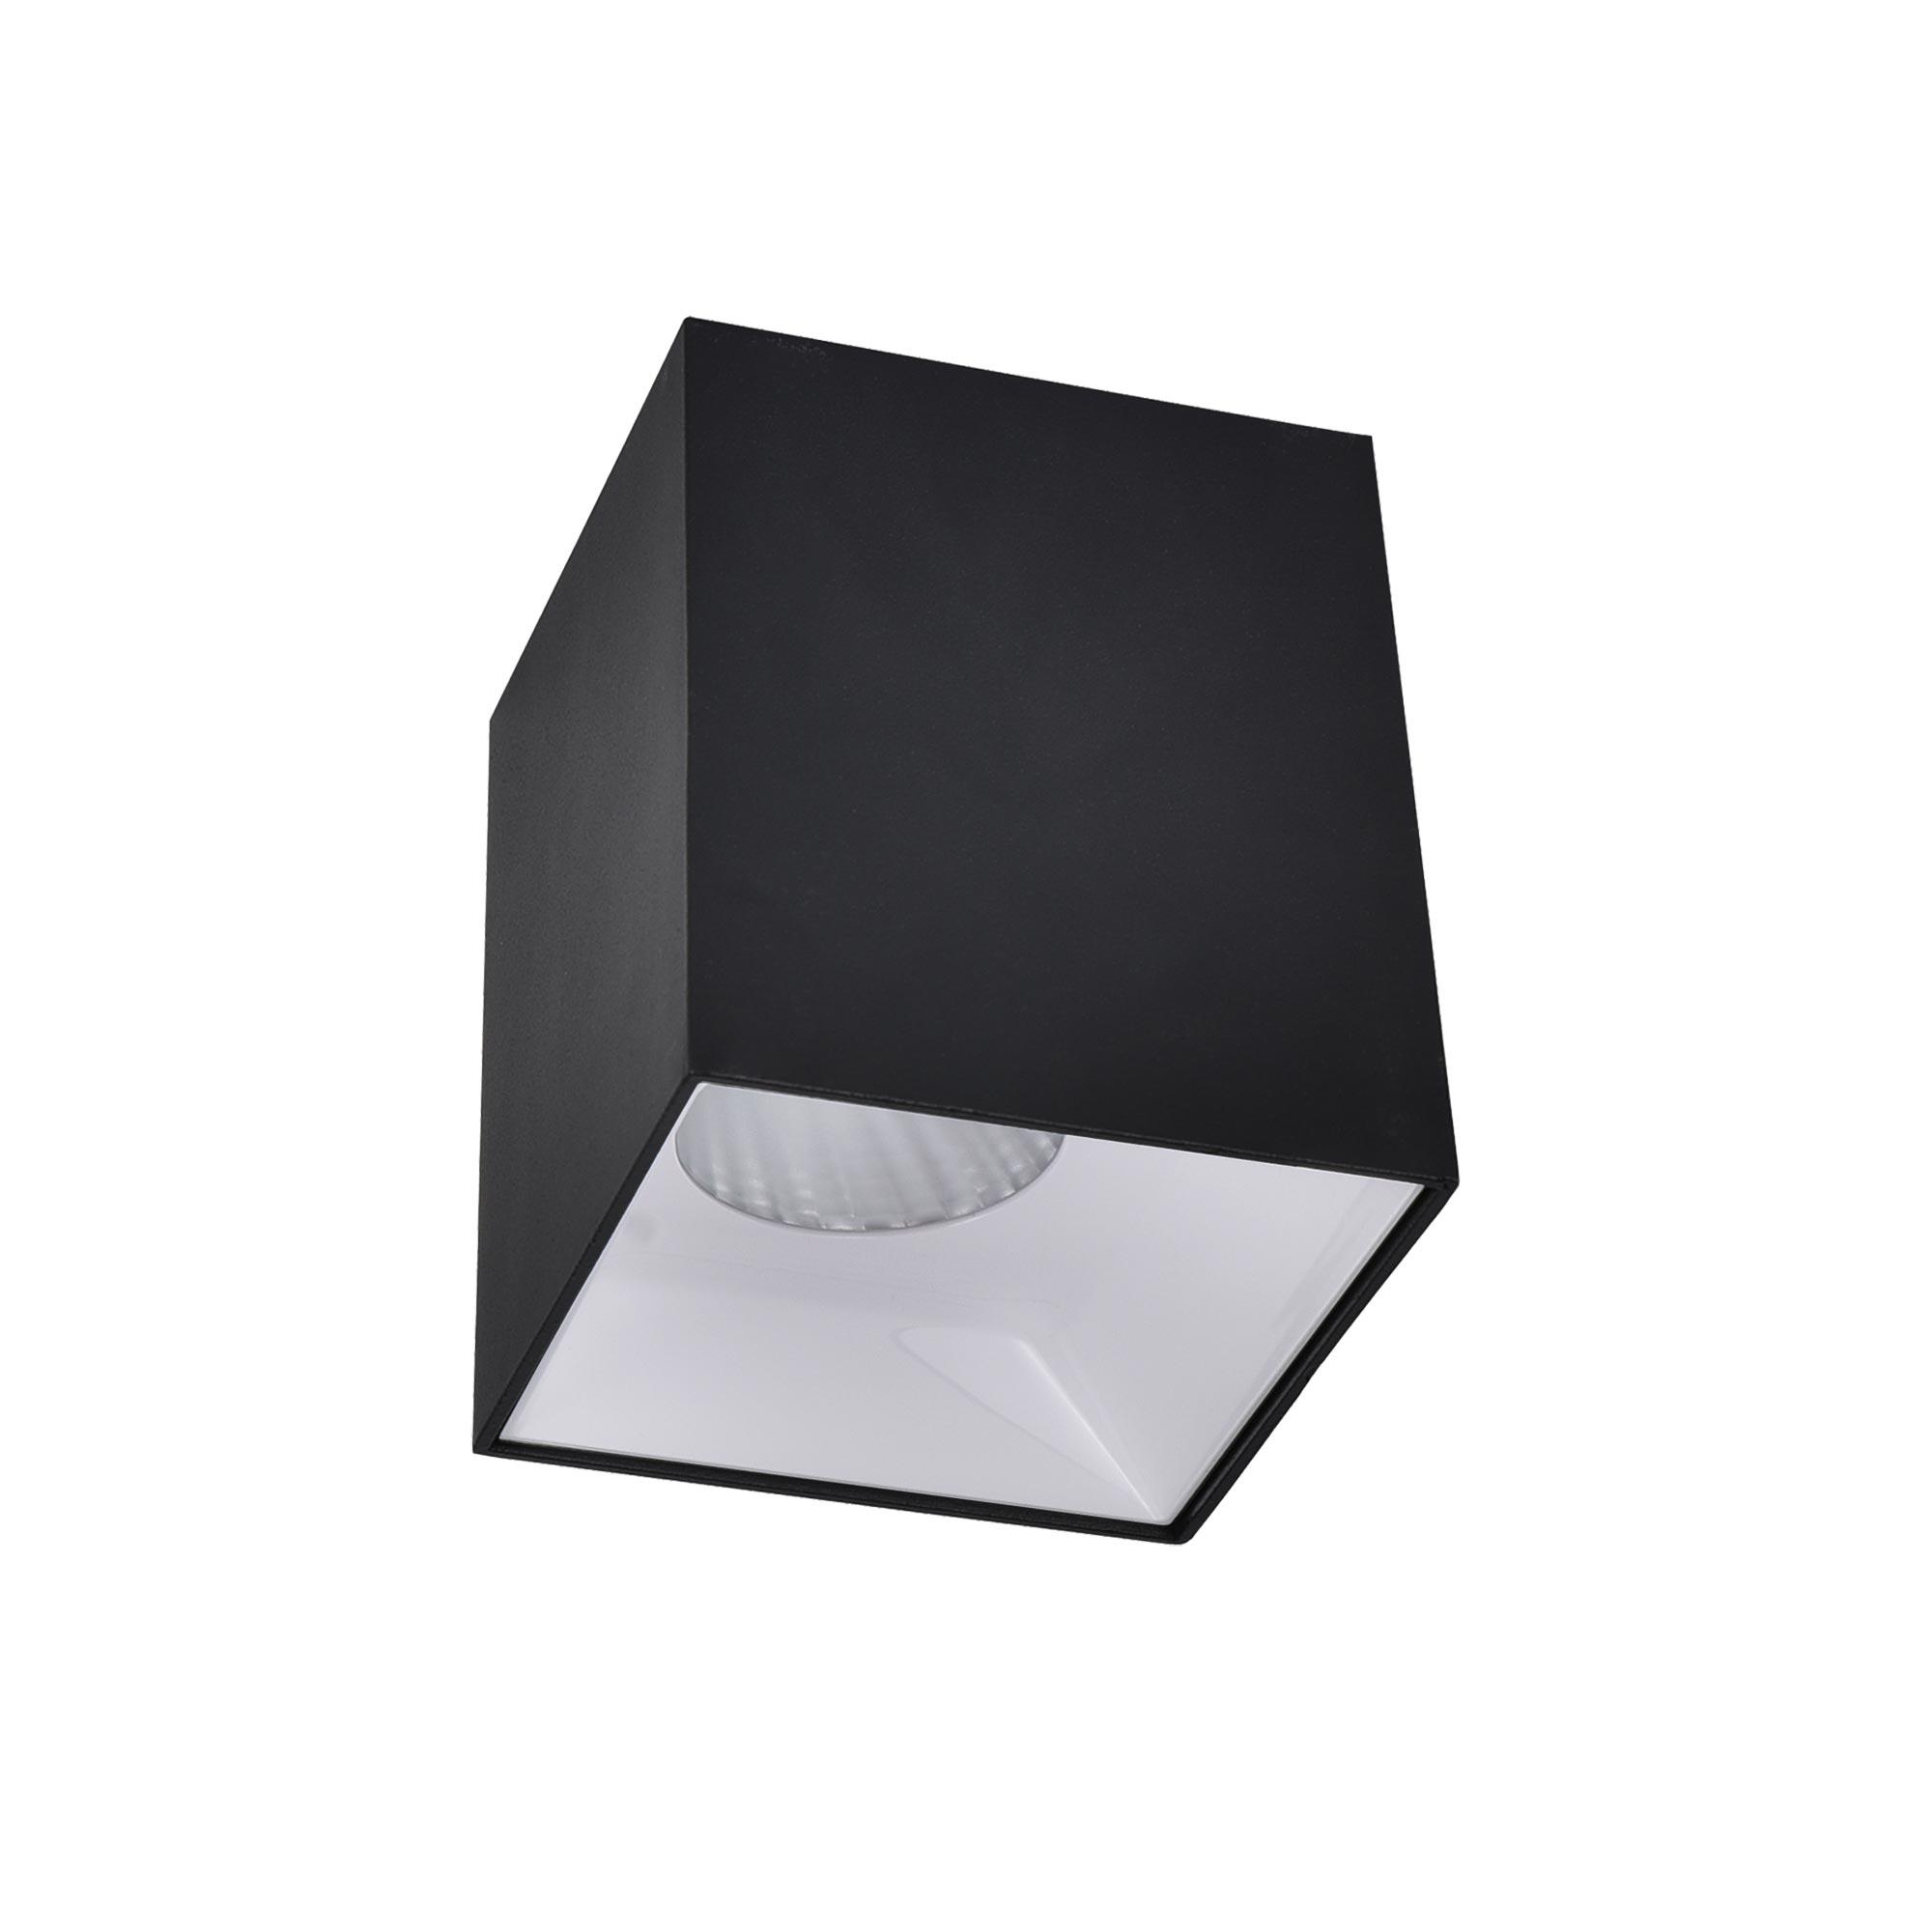 Настенно-потолочный светодиодный светильник Citilux cl7440210 старк 12wх3500k настенно потолочный светодиодный светильник citilux cl7440101 старк 12wх3500k